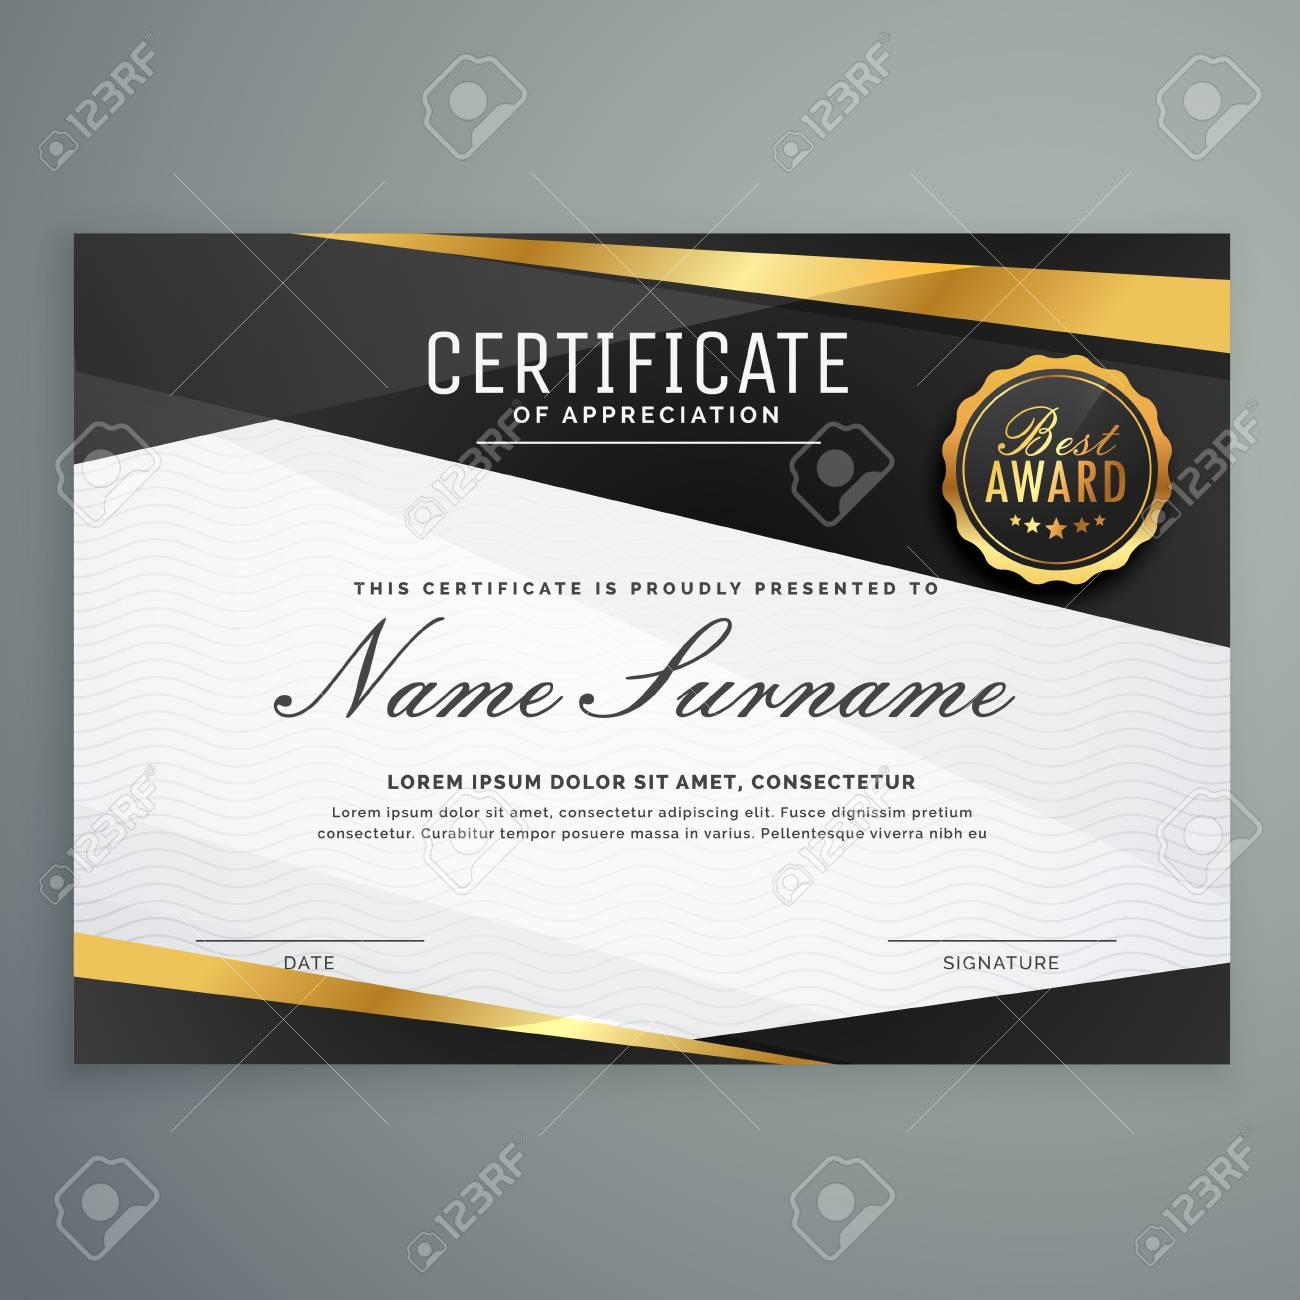 Stilvolle Zertifikat Der Wertschätzung Award Vorlage In Schwarz Und ...